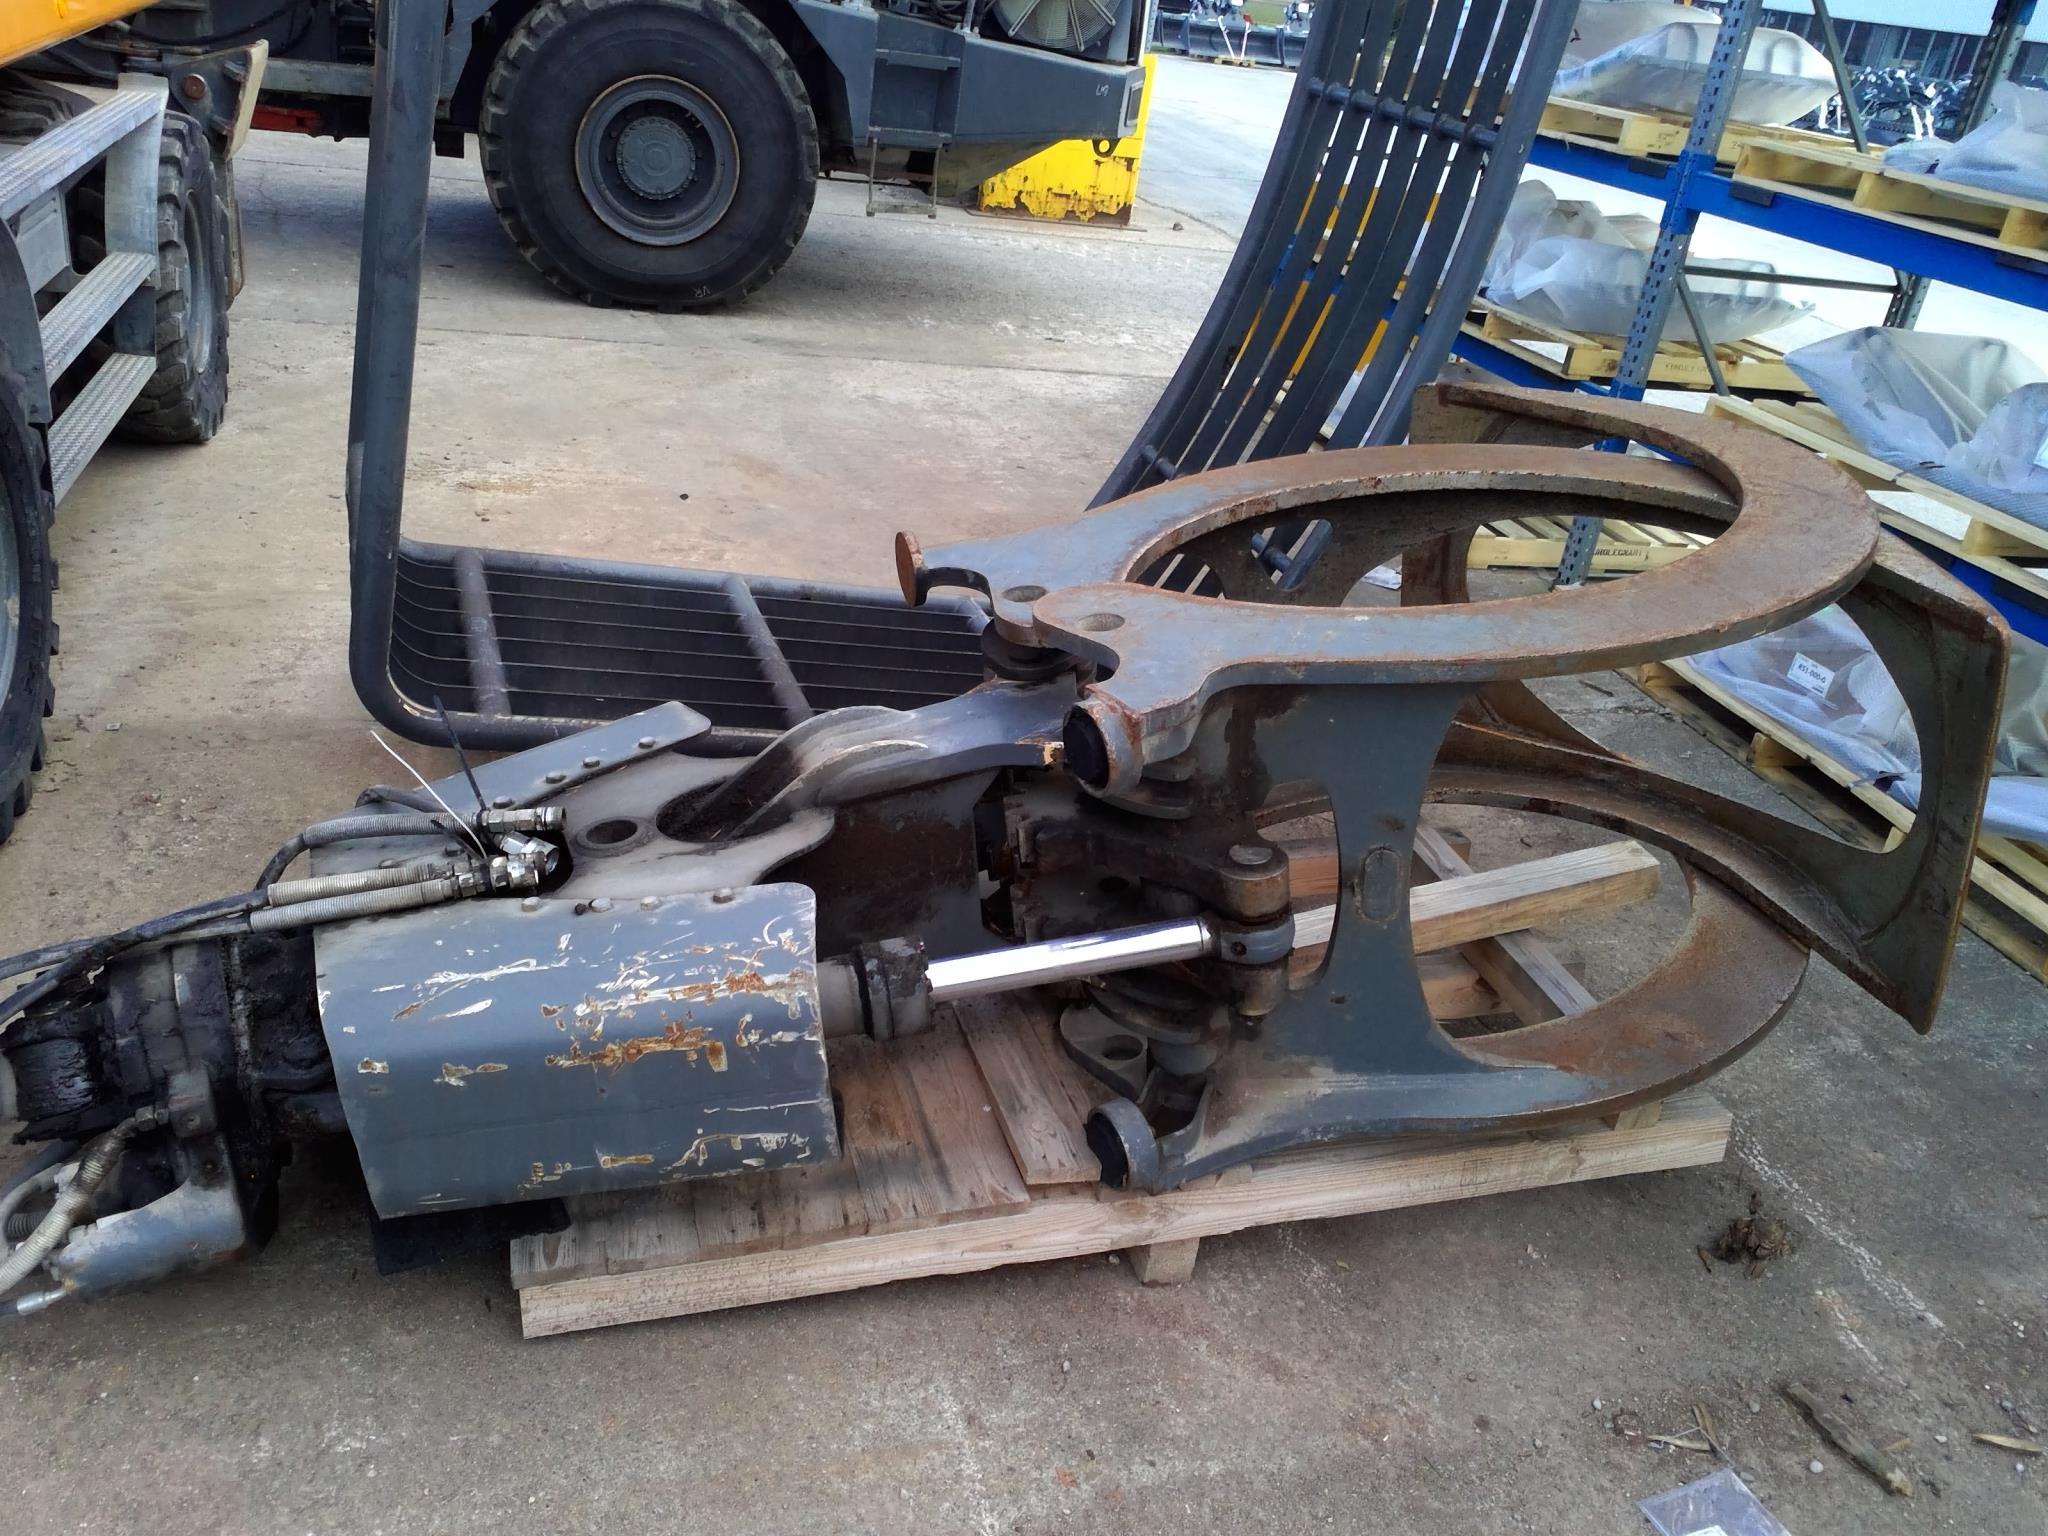 f148acf1-2a8a-4b97-a544-cfe477f5090c_machine_11.png